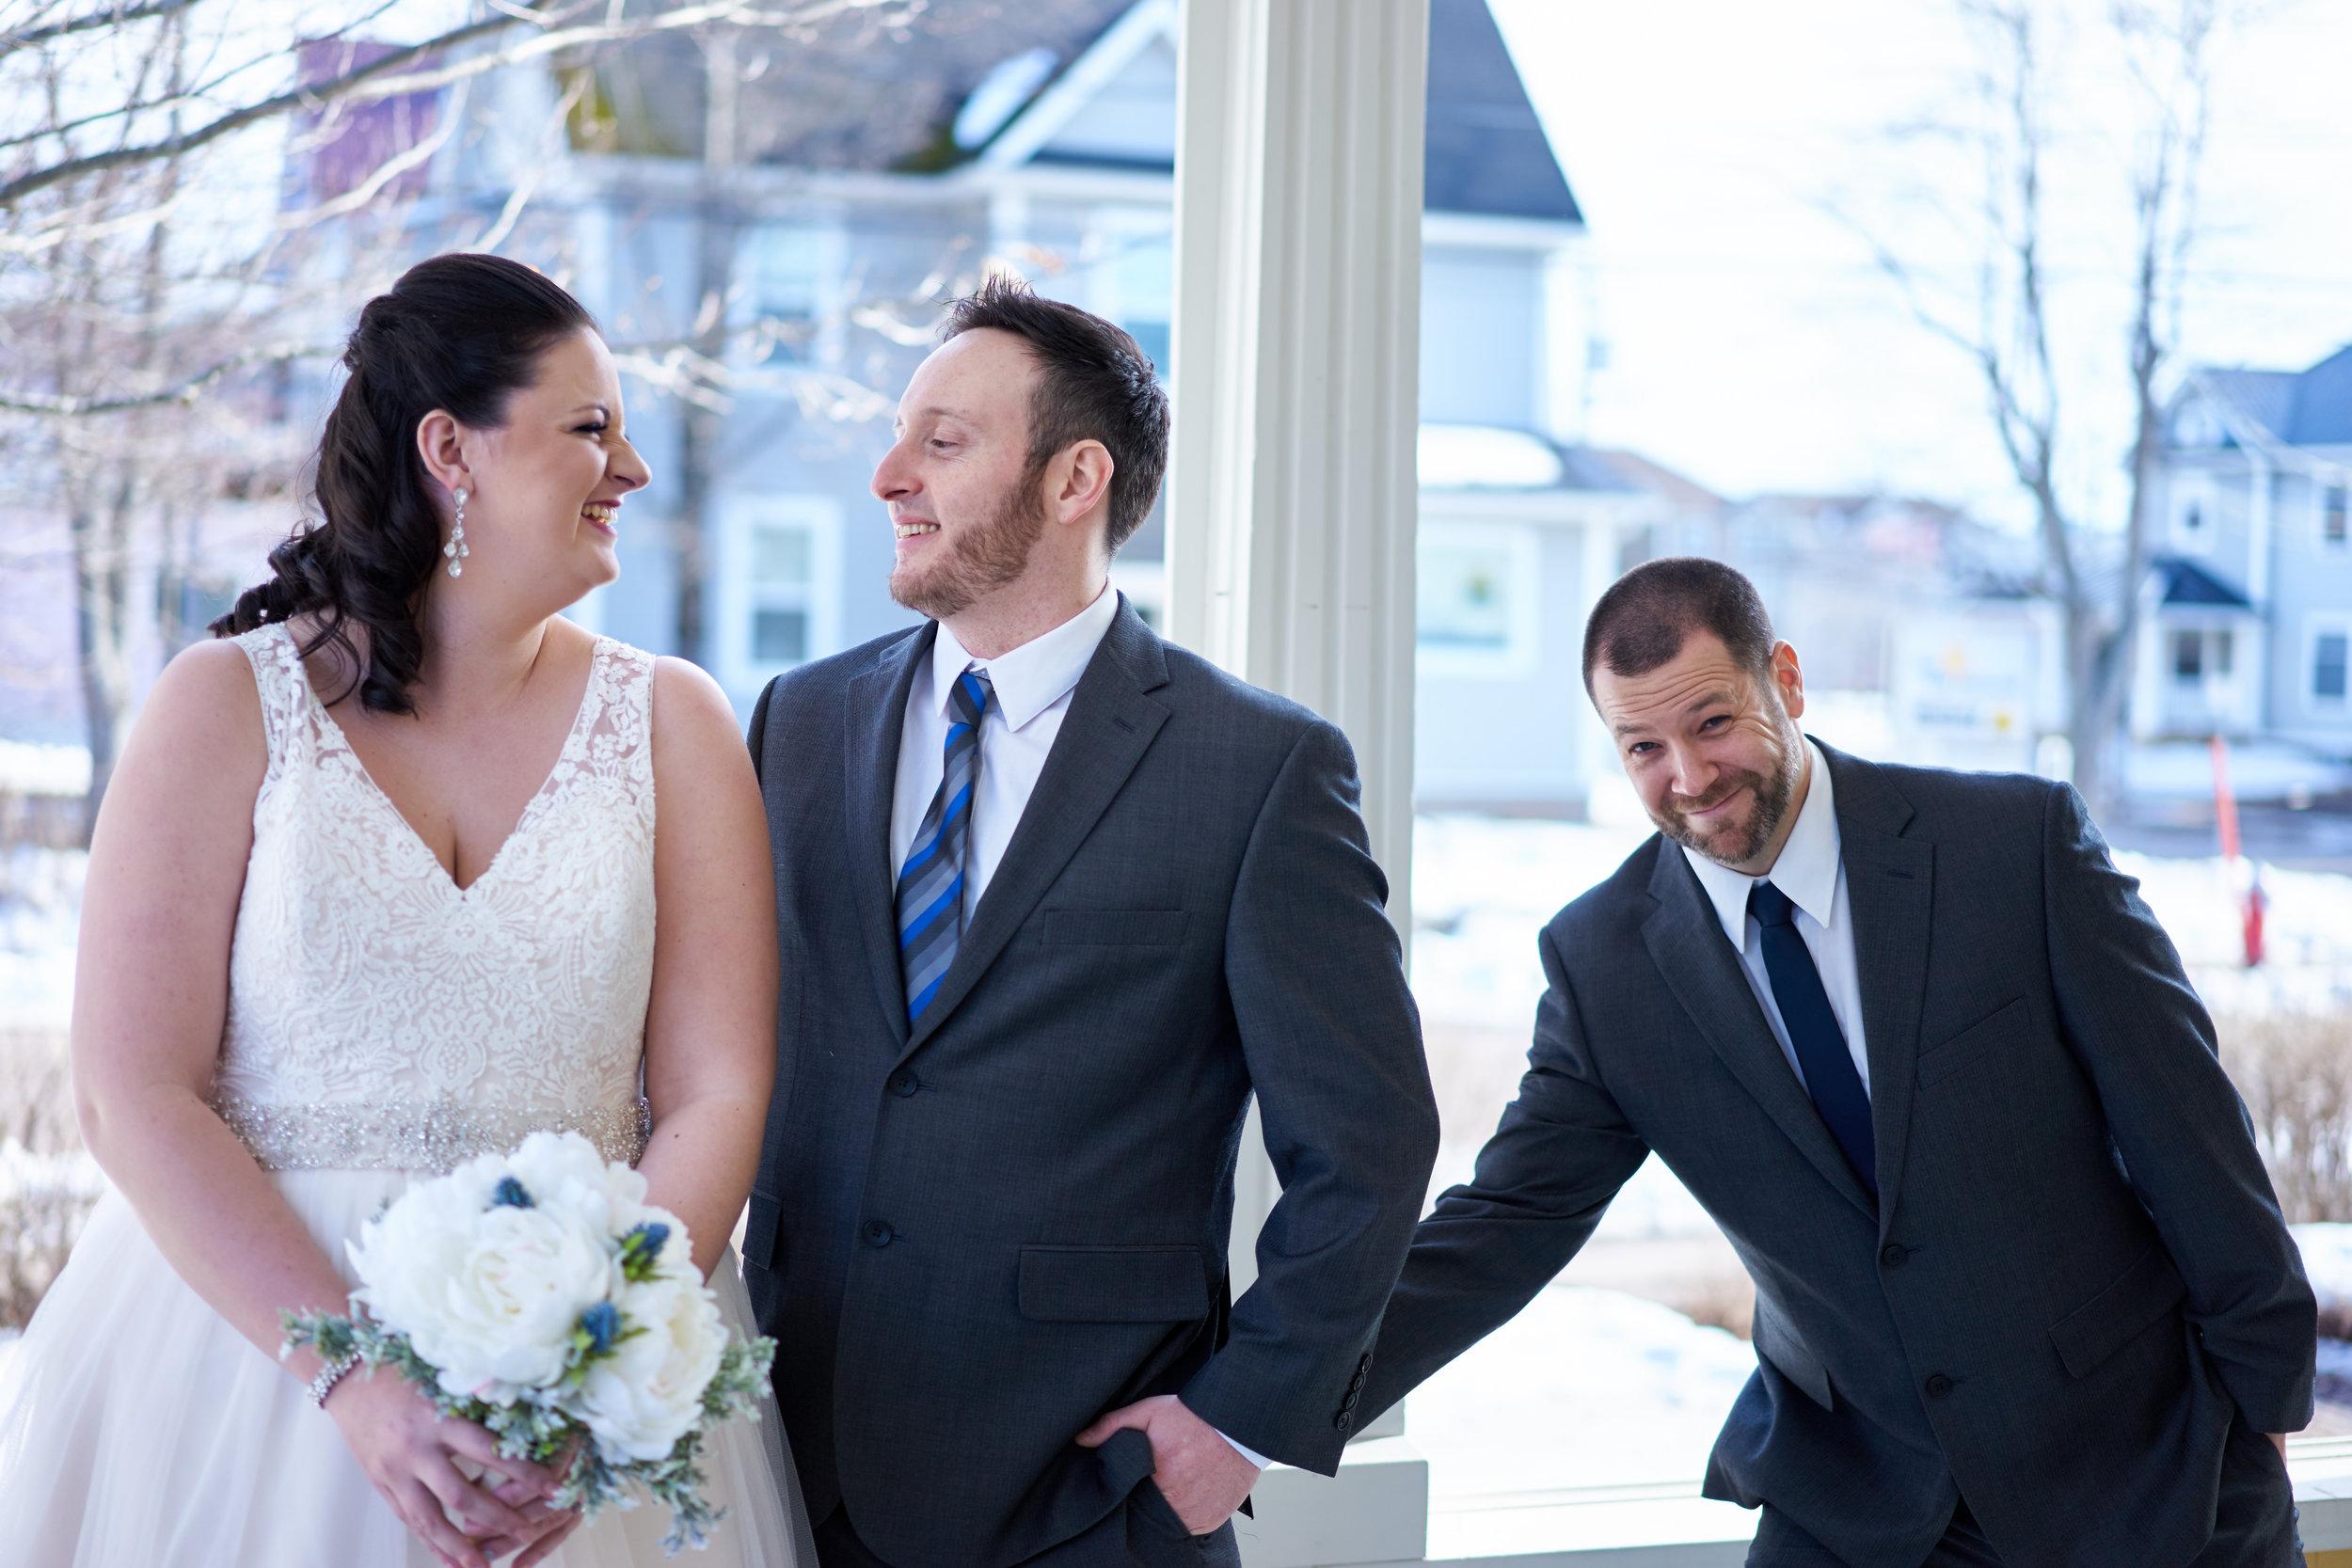 Melanie & Lewis' Wedding 419.jpg